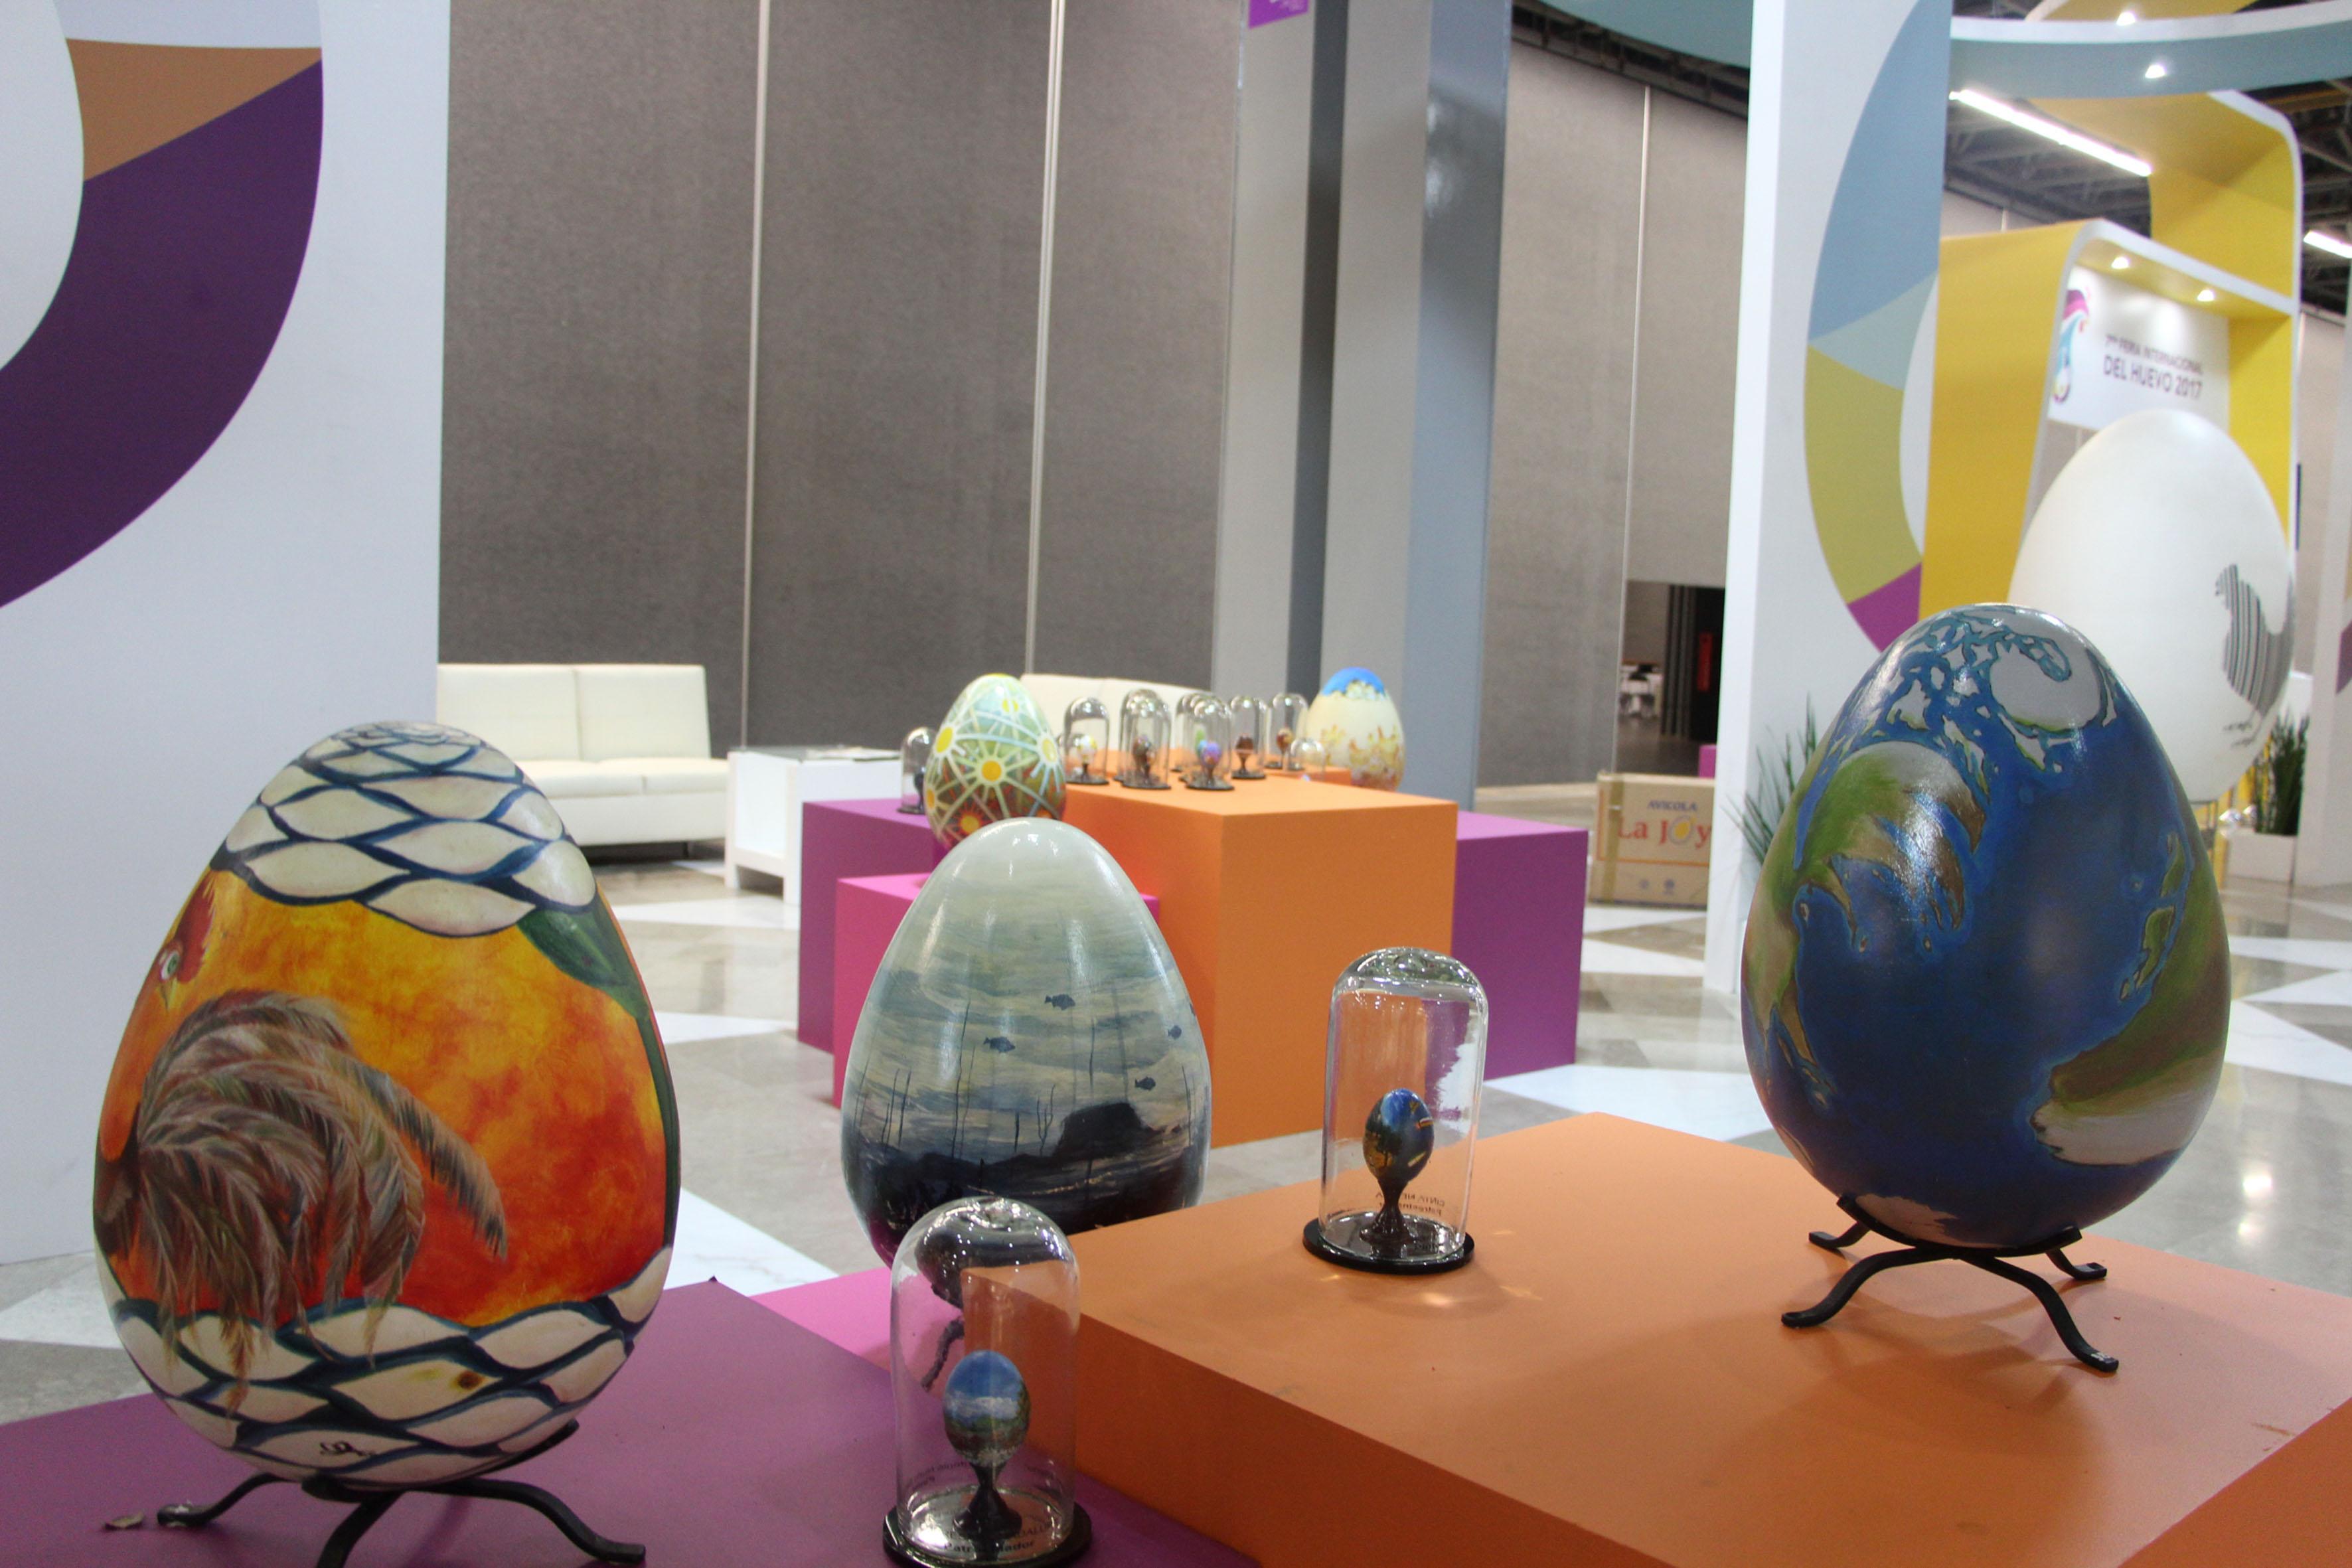 Pabellón de exihibición de las piezas artísticas plasmadas en huevos de diferentes dimensiones, expuestas en el XXV Congreso Latinoamericano de Avicultura, que tiene como sede la ciudad de Guadalajara, en Expo Guadalajara.